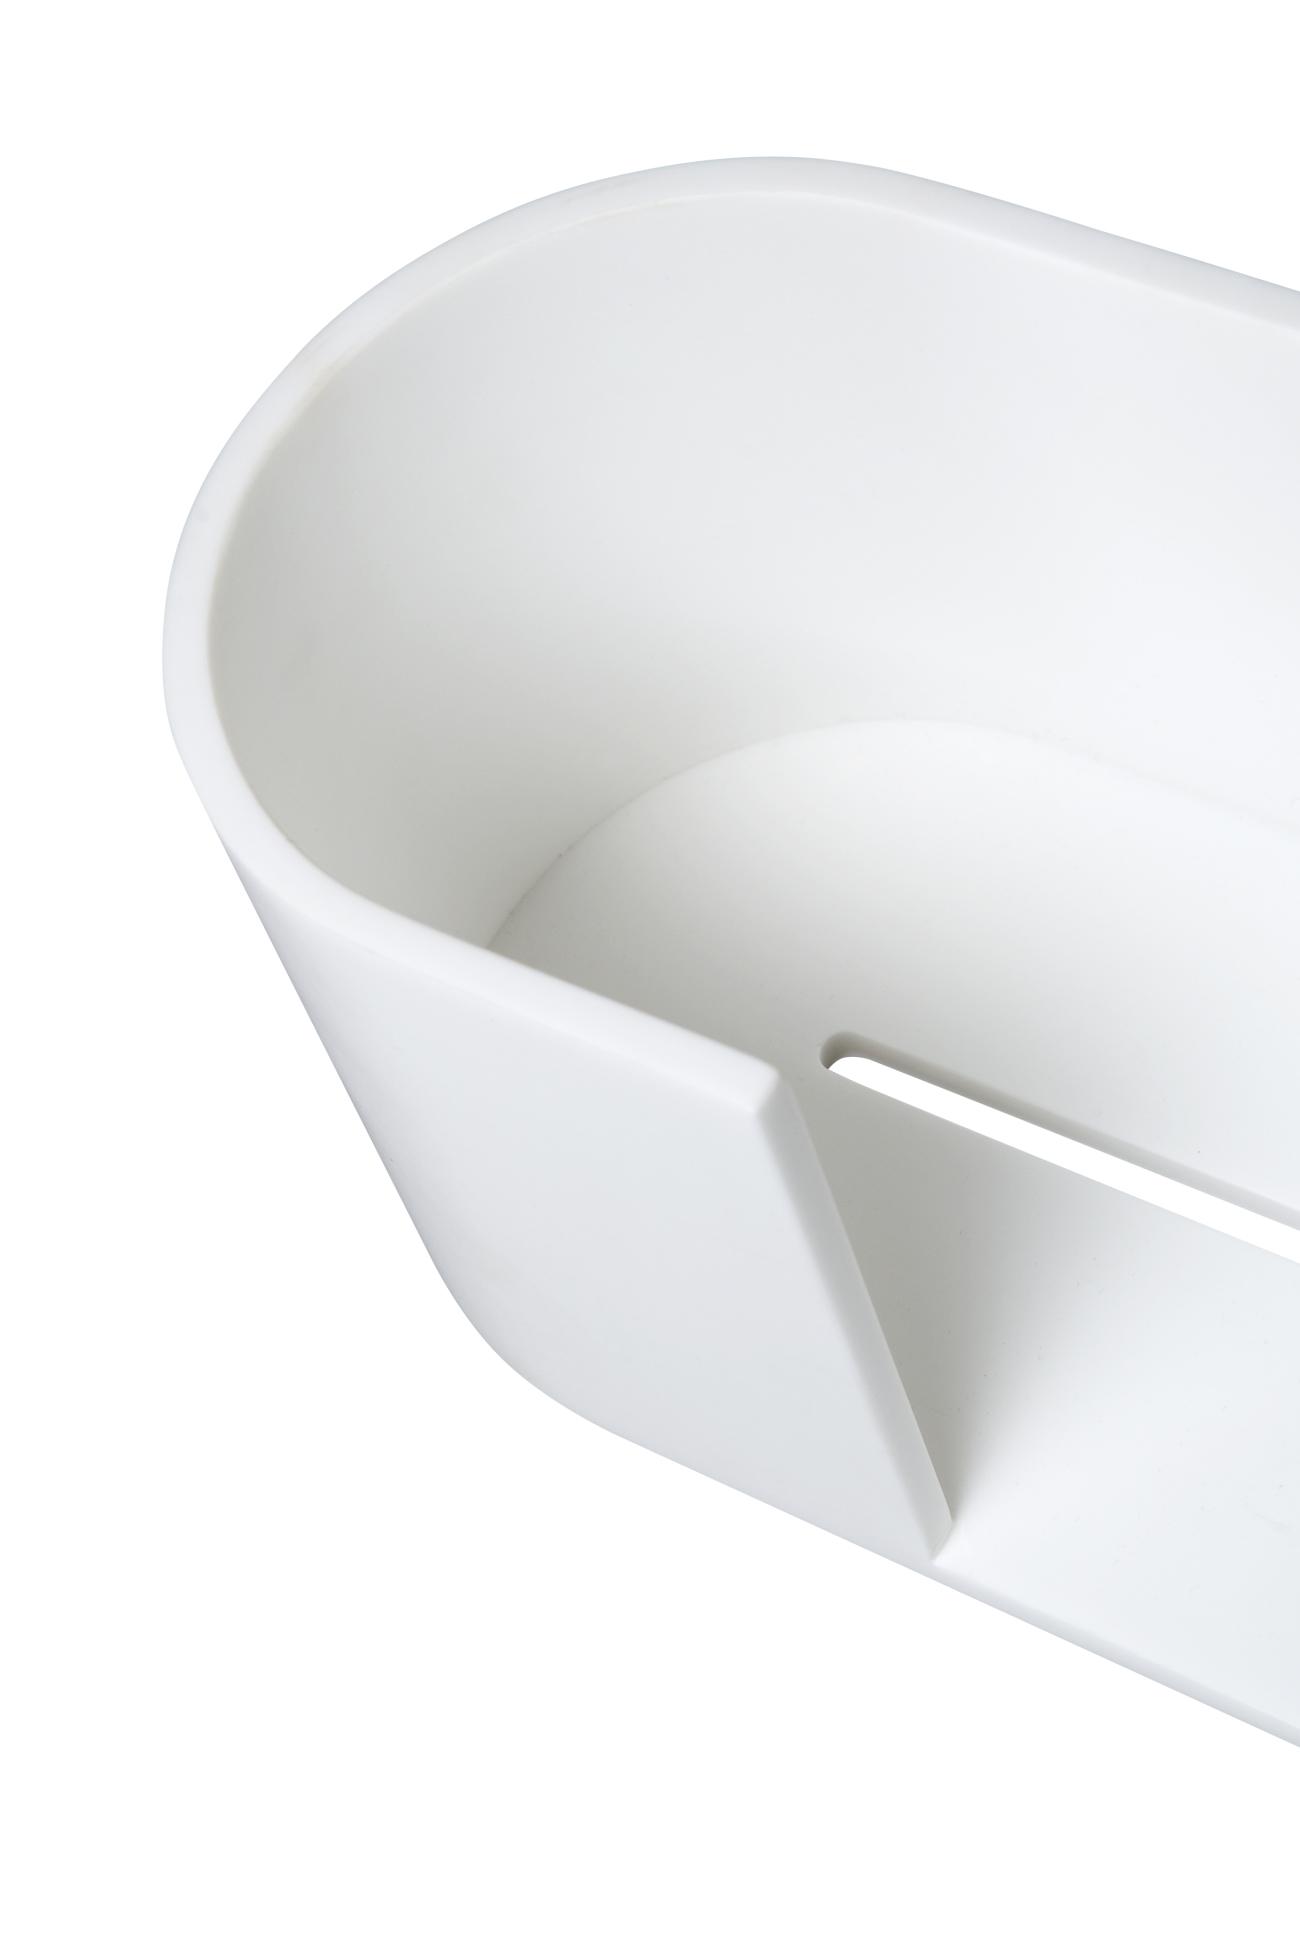 Foto aumentada de contenedor de ducha Arco rectangular con estructura de bordes redondos y base trasera plana que permite su instalación horizontal en la pared, además cuenta con una pequeña apertura en la parte delantera y otra la base del contenedor. El Picaporte